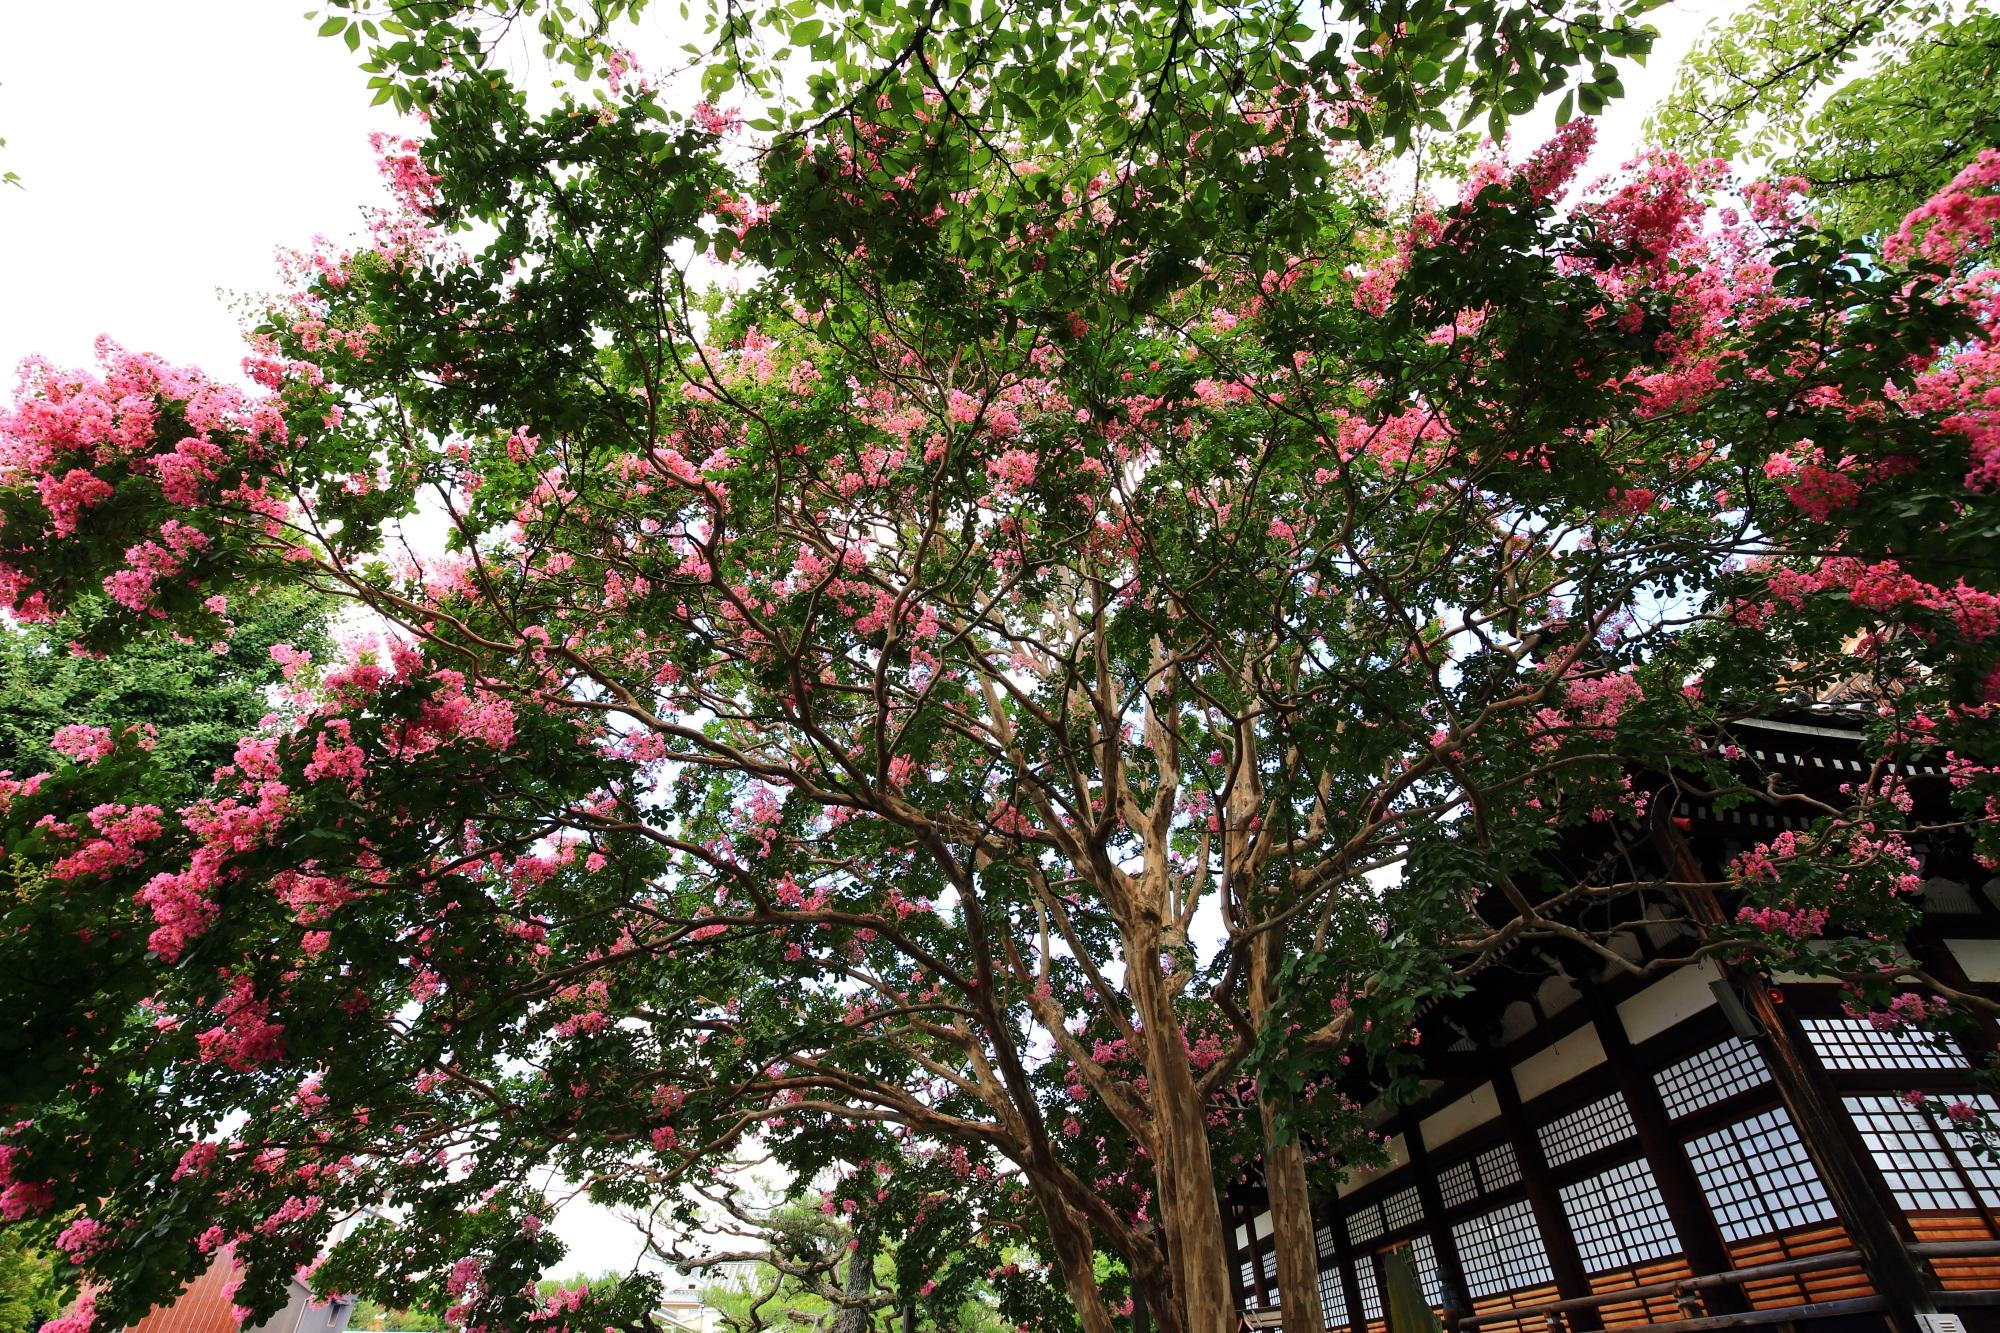 下から見上げれば空から降り注ぐピンクの花